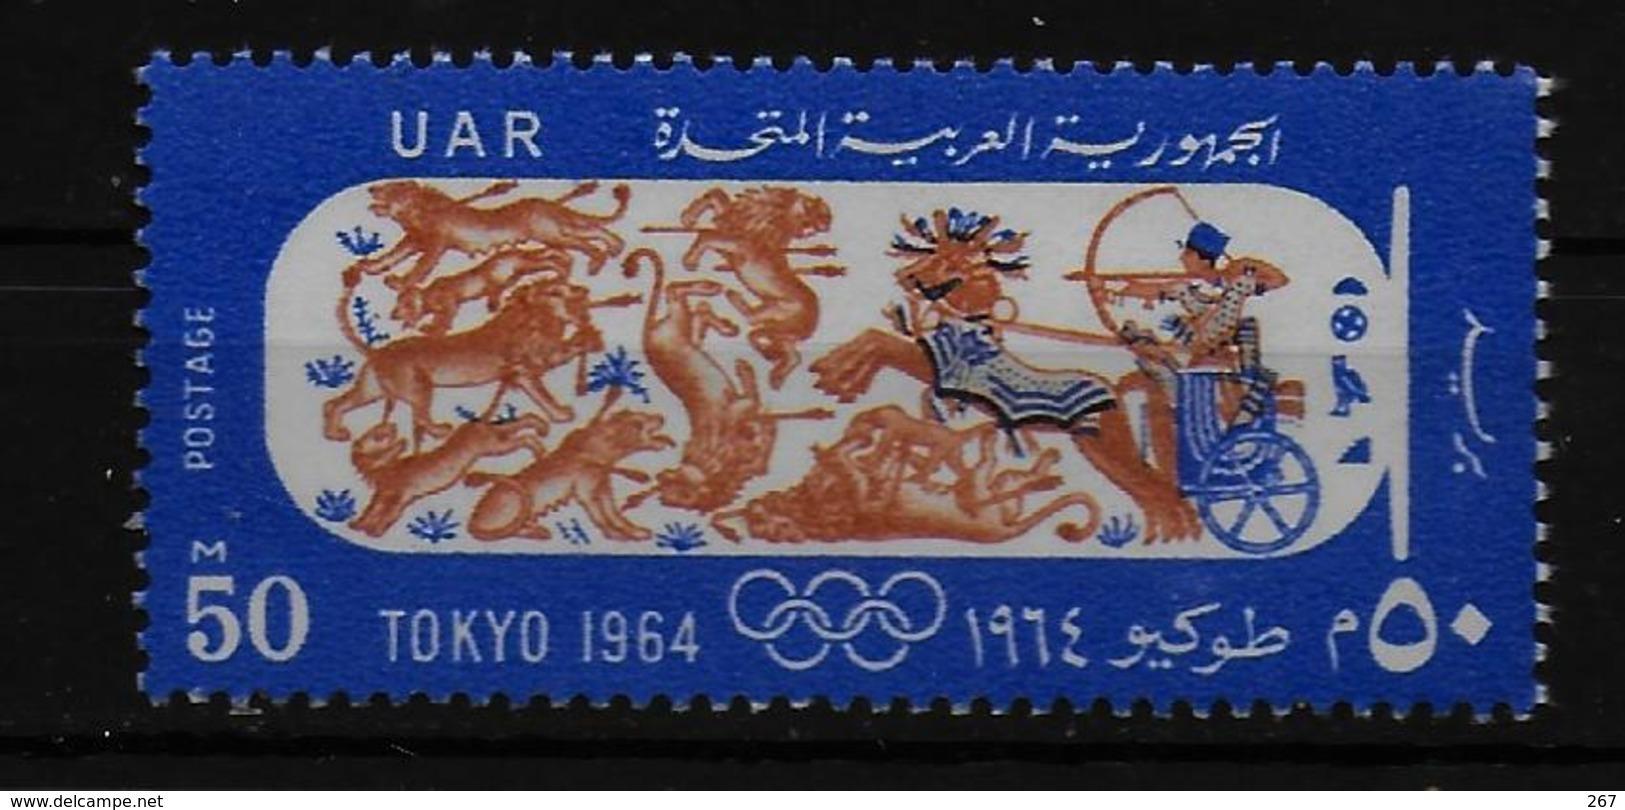 EGYPTE   N°  629 * *   Jo 1964  Chasse Char Tir A L Arc - Archery